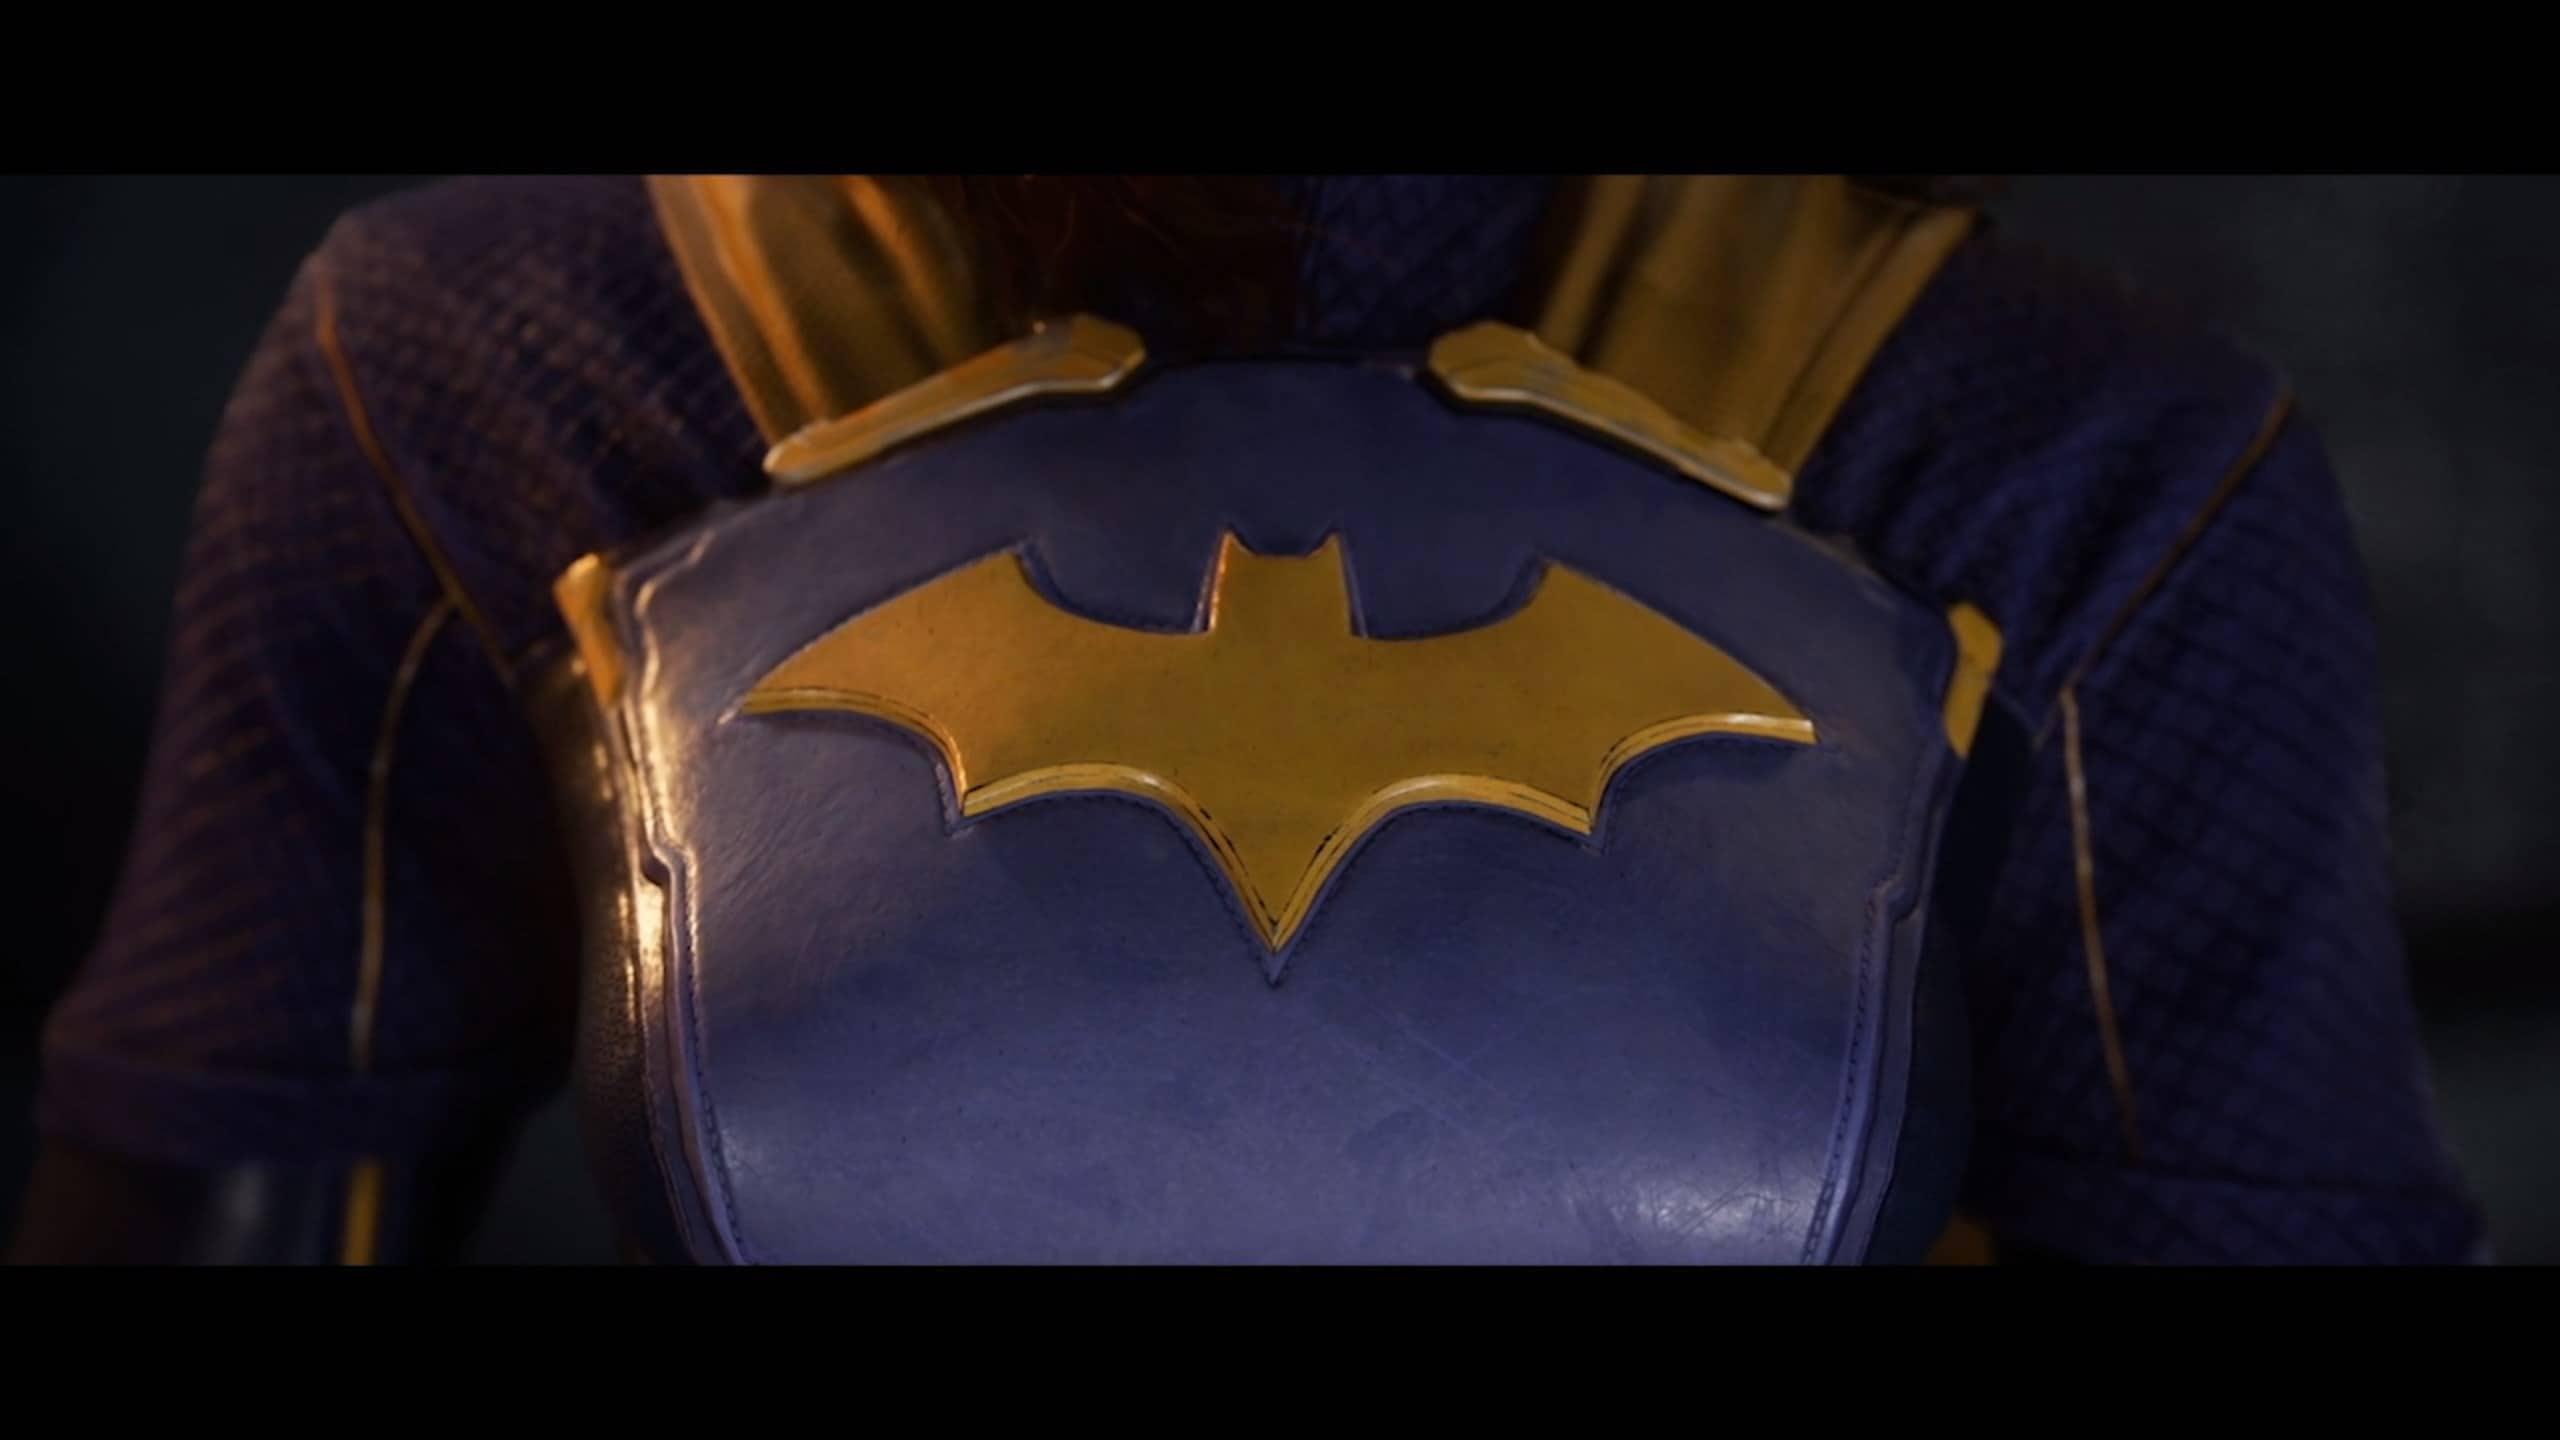 Gotham Knights ufficiale: il nuovo capitolo della serie è realtà, e Batman... è morto! (video)